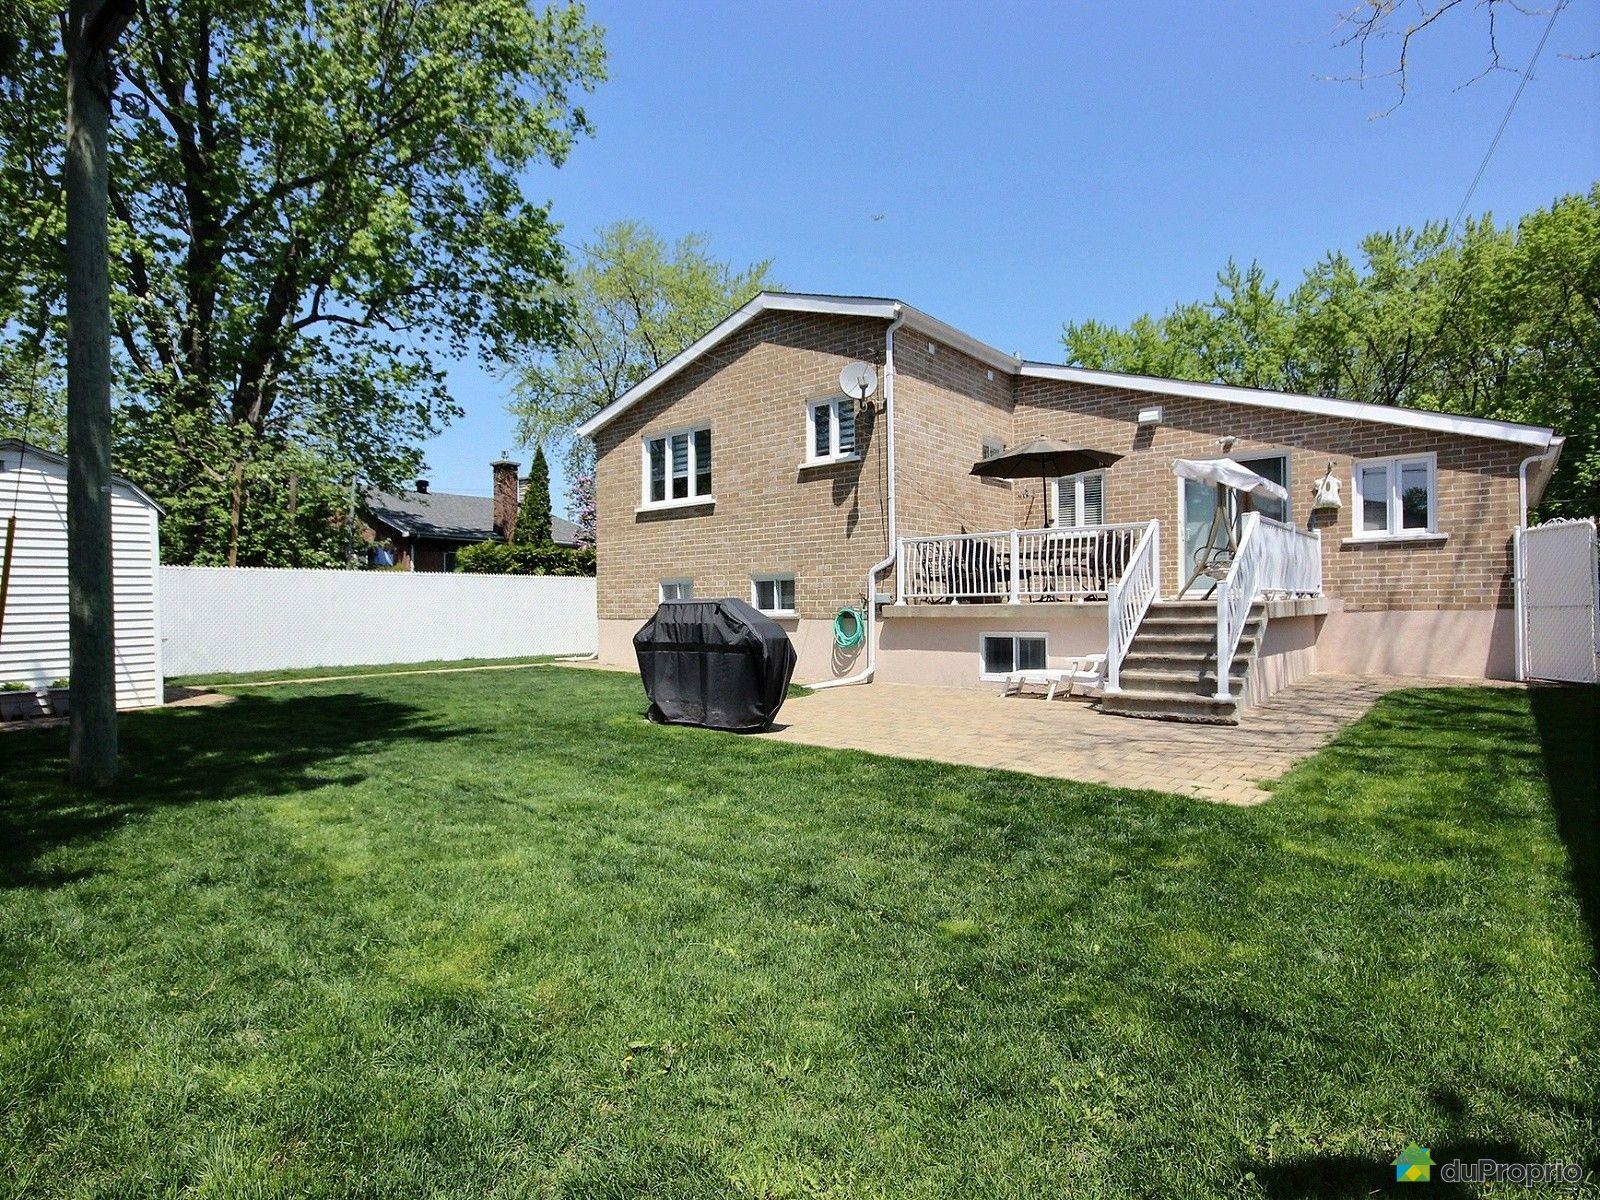 Maison vendre montr al 11752 avenue alfred immobilier for Acheter une maison a montreal